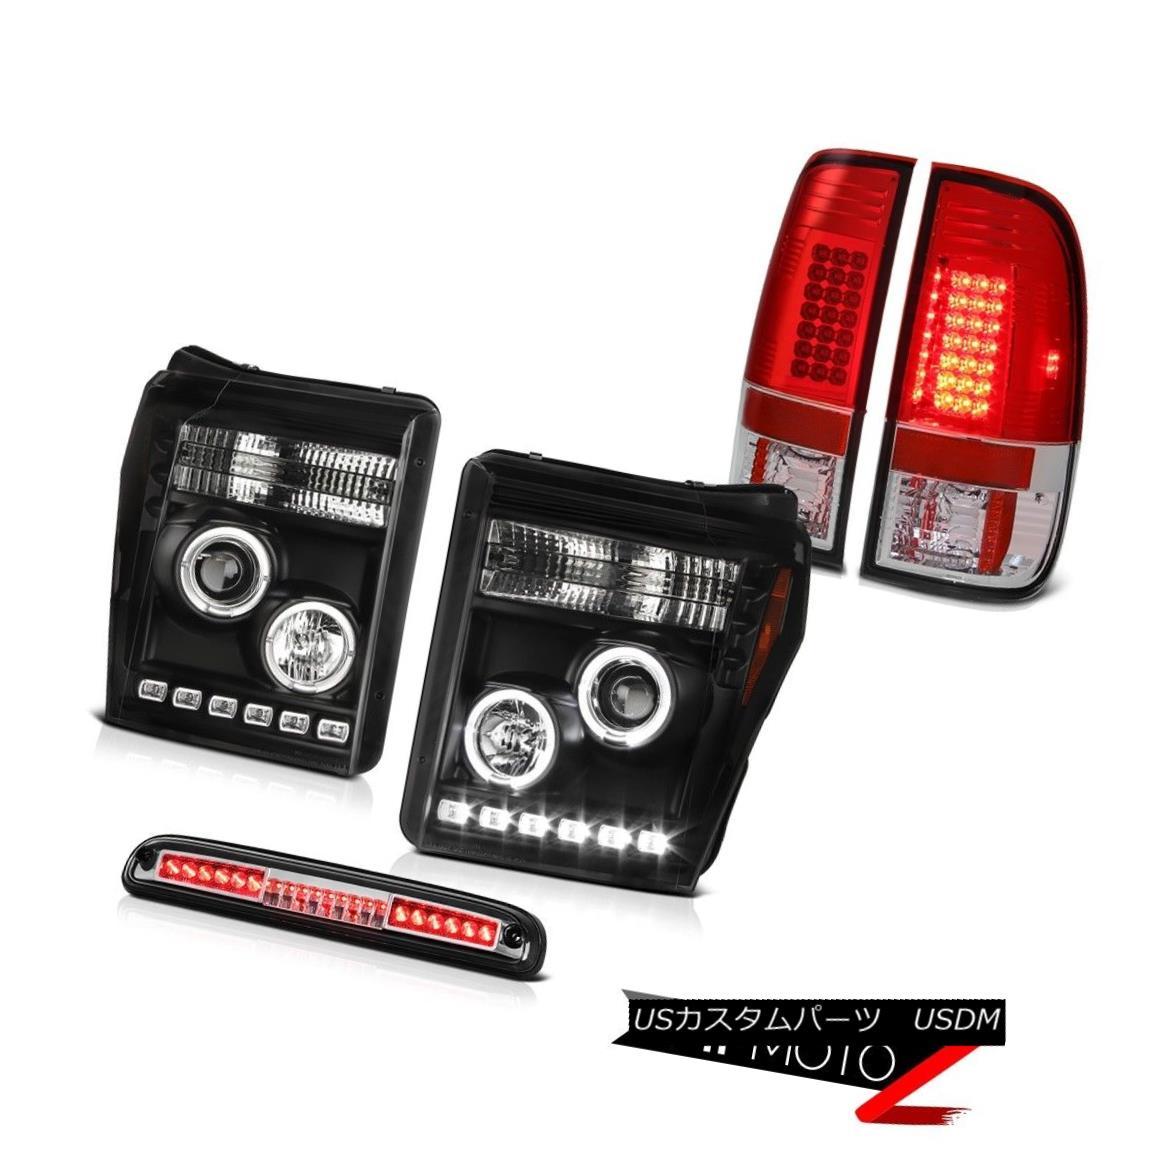 テールライト 11-16 F350 Xl Sterling Chrome Roof Brake Lamp Bloody Red Tail Lamps Headlamps 11-16 F350 X1スターリングクロームルーフブレーキランプブラッディレッドテールランプヘッドランプ